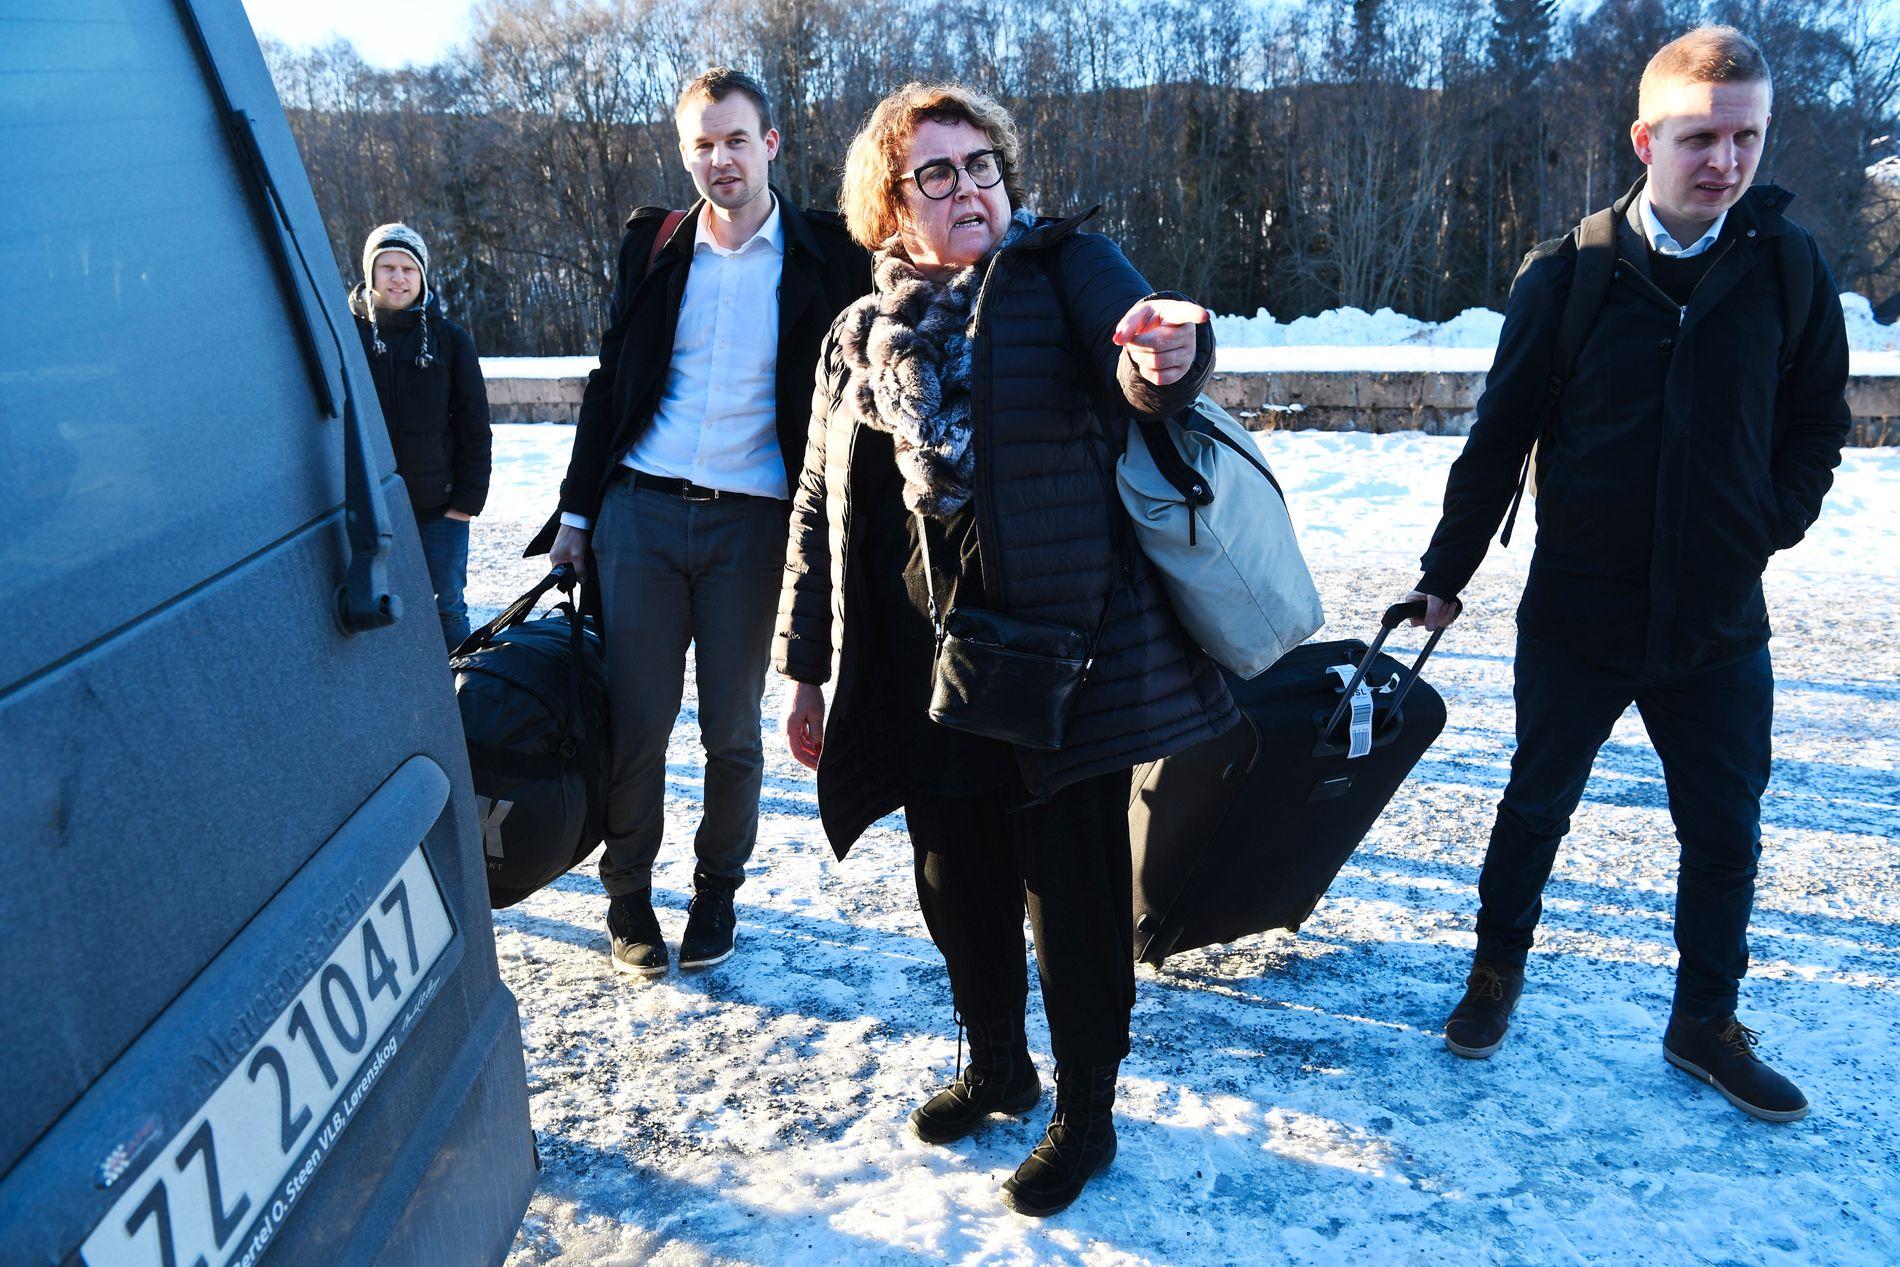 IKKE FOR EN HVER PRIS: KrF-nestleder Kjell Ingolf Ropstad vil inn i regjering – men kun hvis partiet får gjennomslag for viktige saker. Her sammen med nestleder Olaug Bollestad.